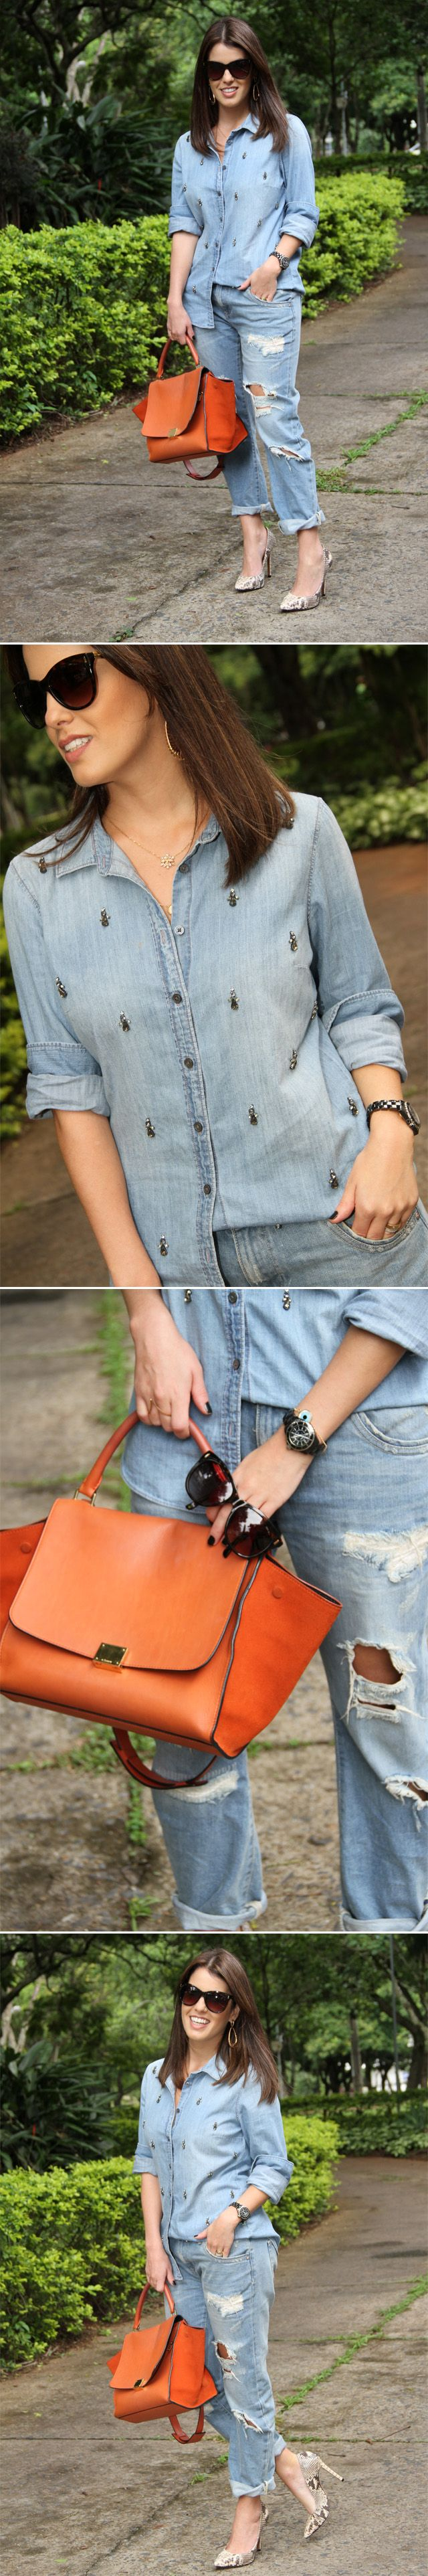 Look do Dia: Jeans + Jeans por Dê Gebrim   Diário de acessórios em dezembro 18, 2013